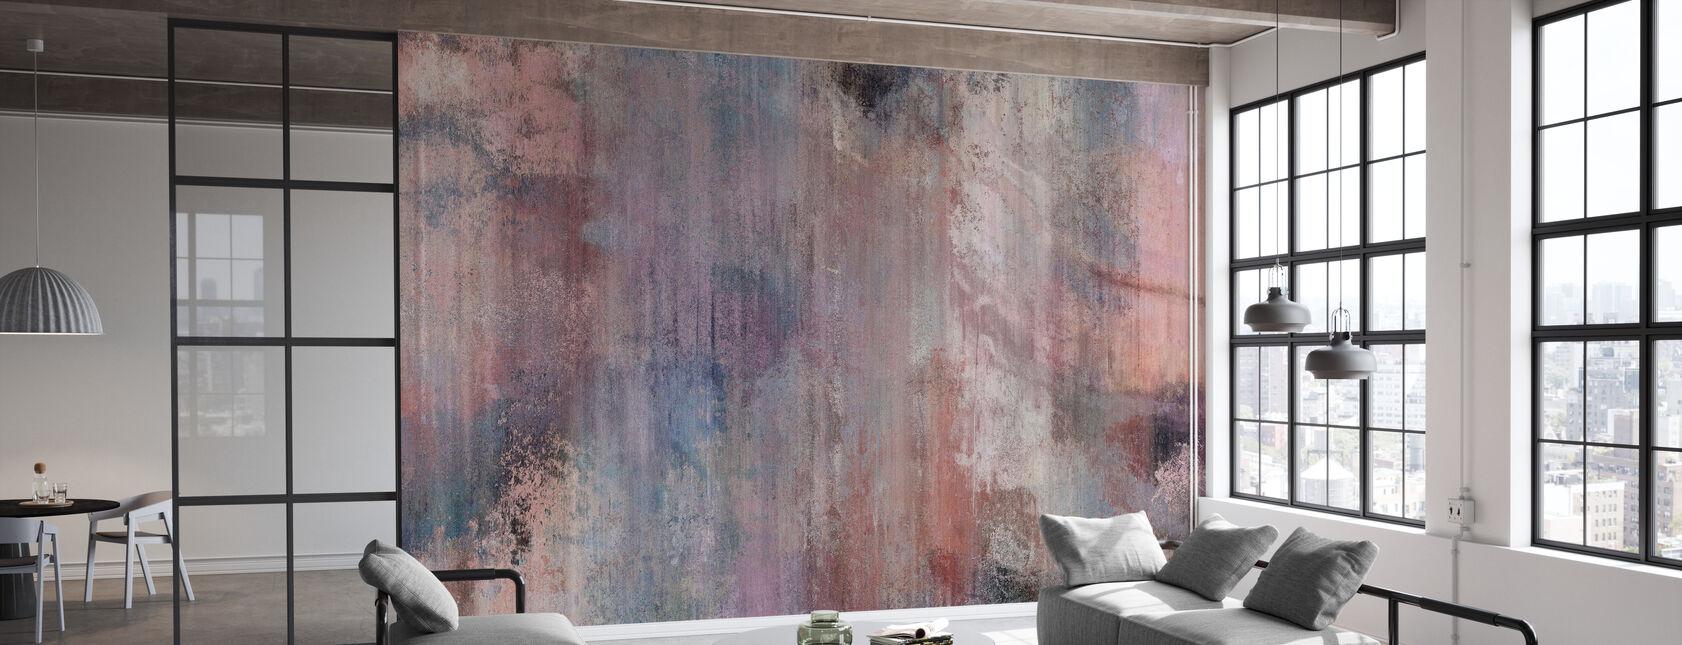 Pinkish Grey Wall - Wallpaper - Office